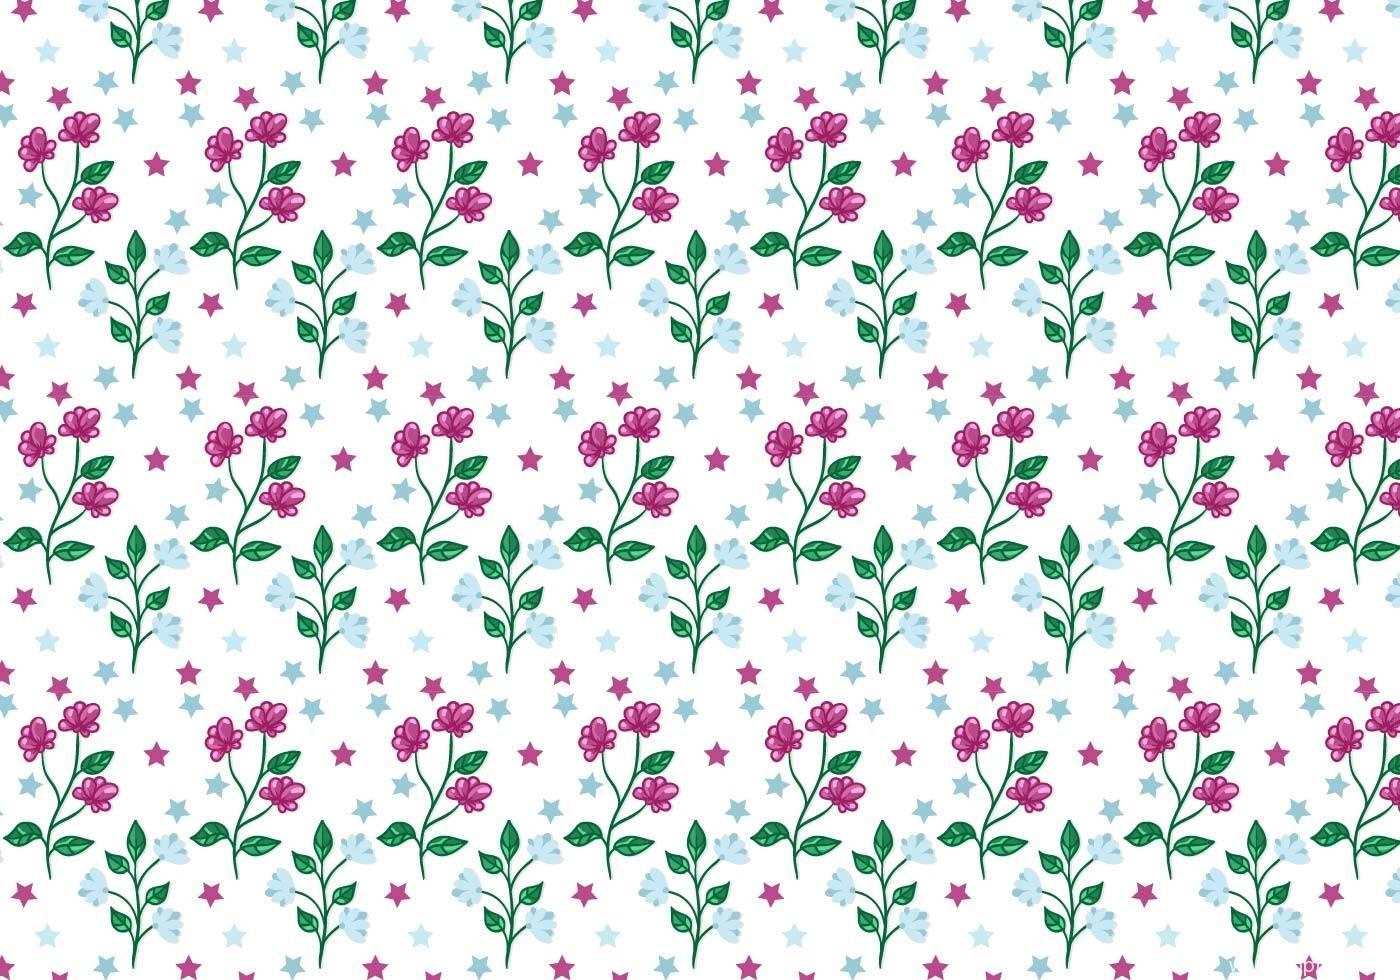 五角星紫色小碎花拼接矢量图印花花型源文件-POP花型网